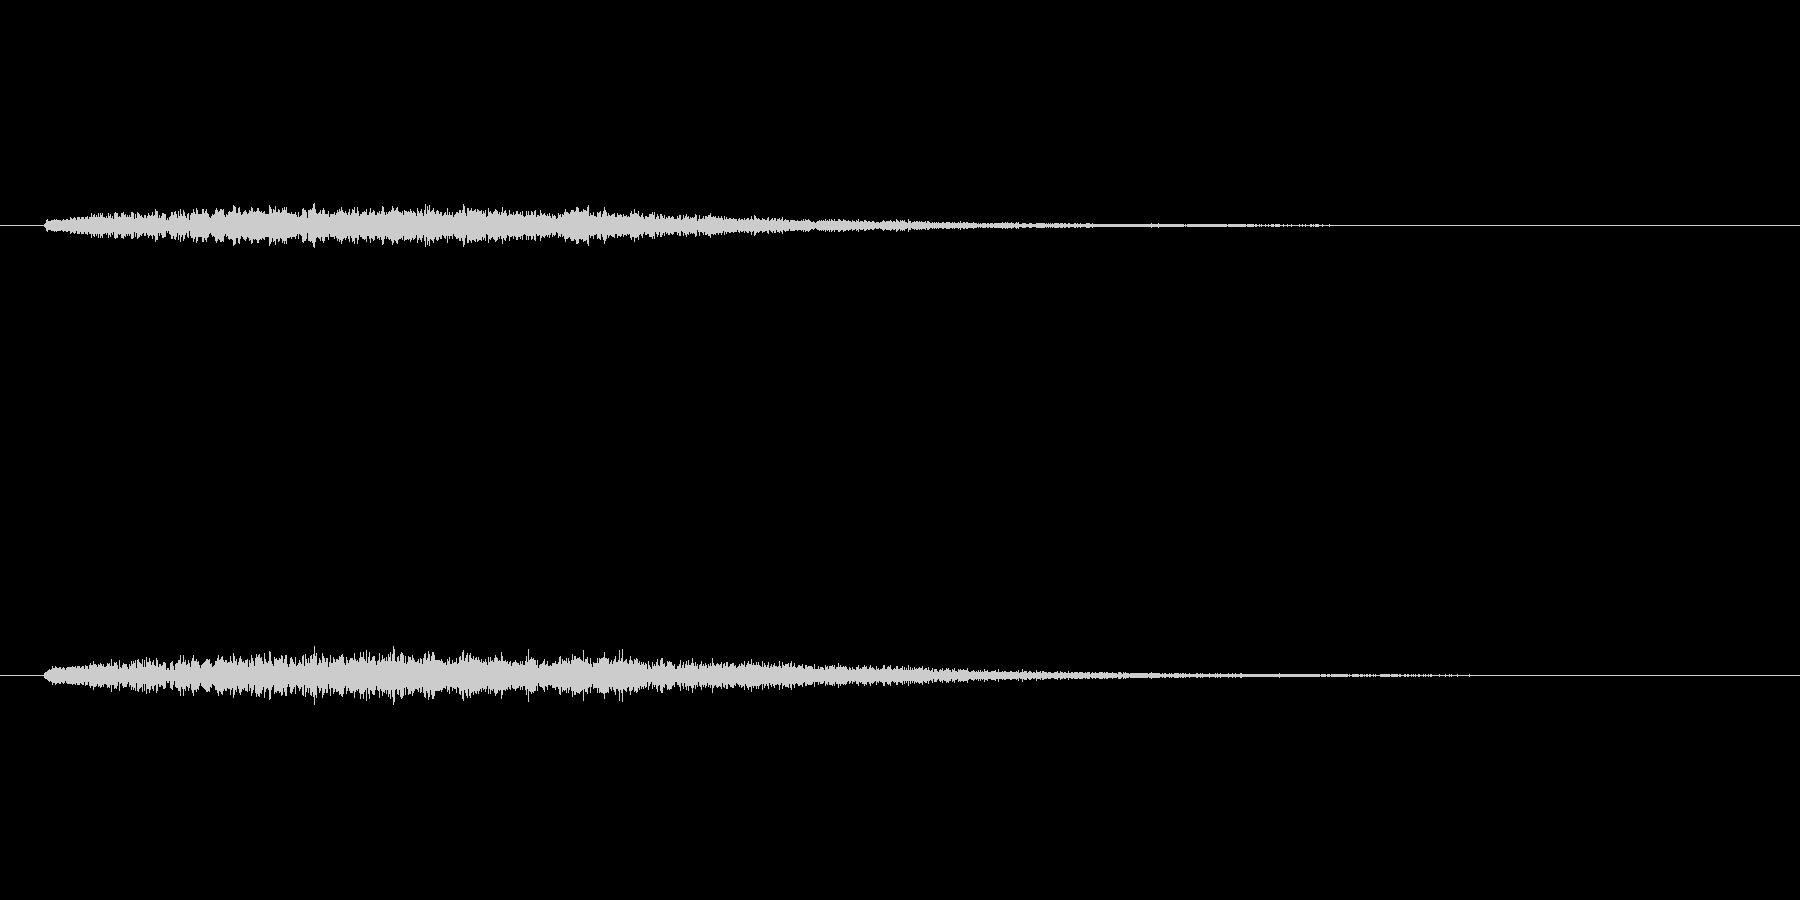 上昇するシンセベルによるサウンドロゴの未再生の波形